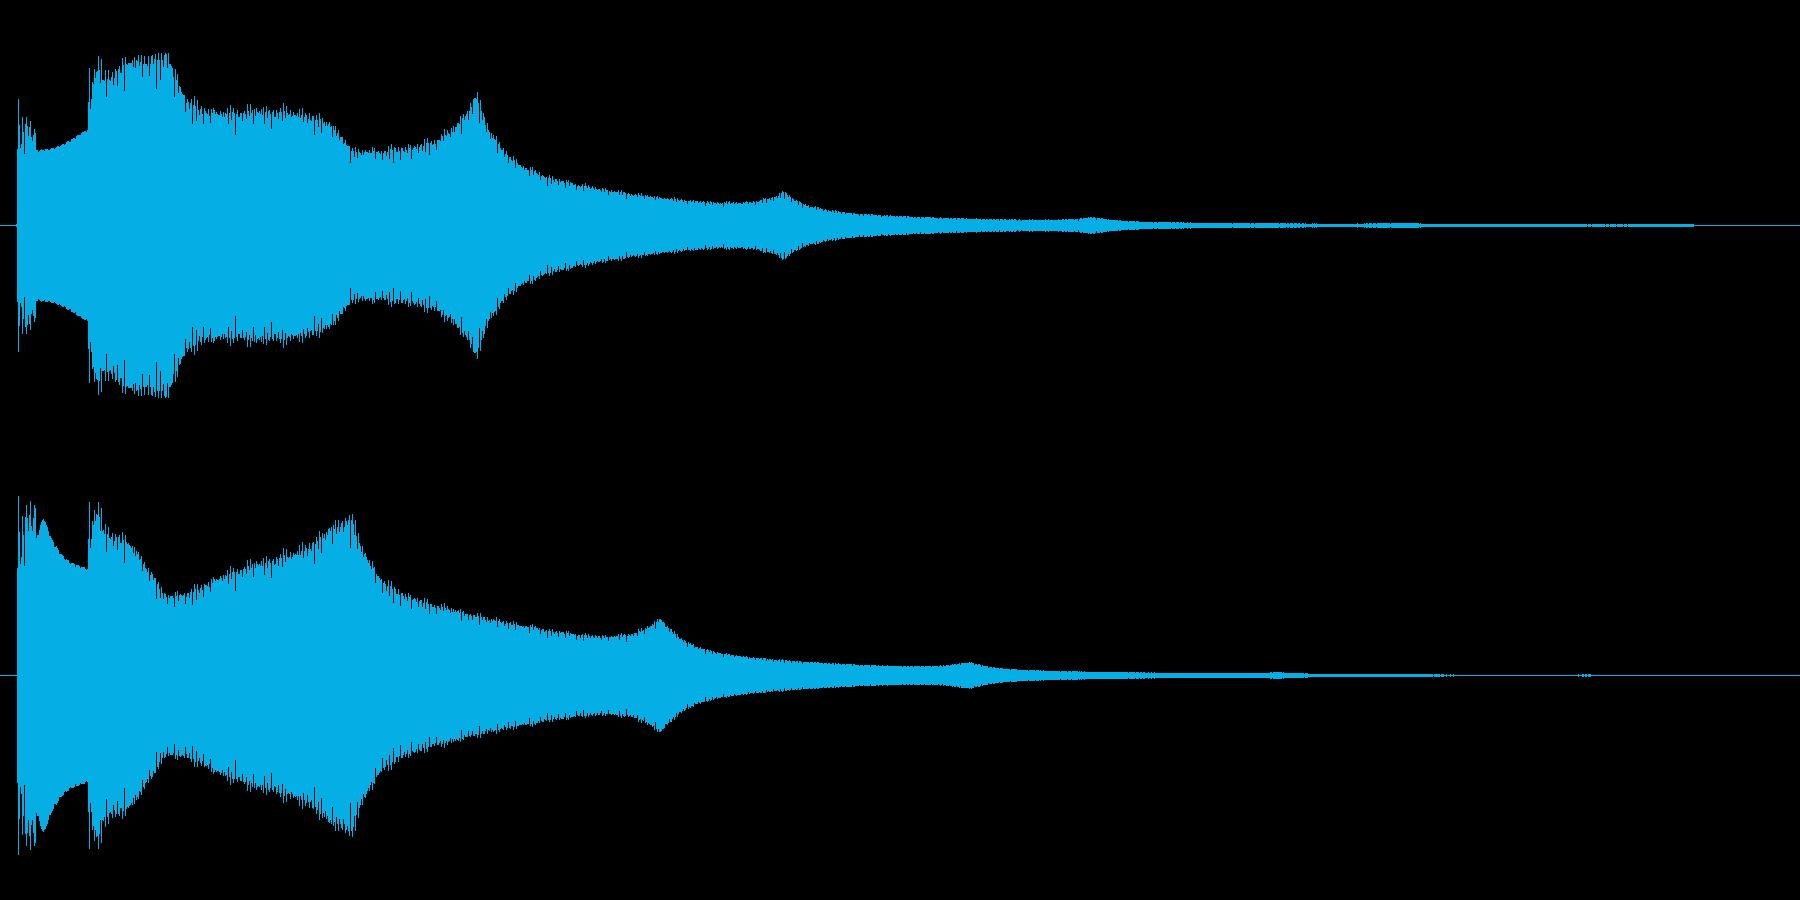 キラーン(星が輝くような音)の再生済みの波形